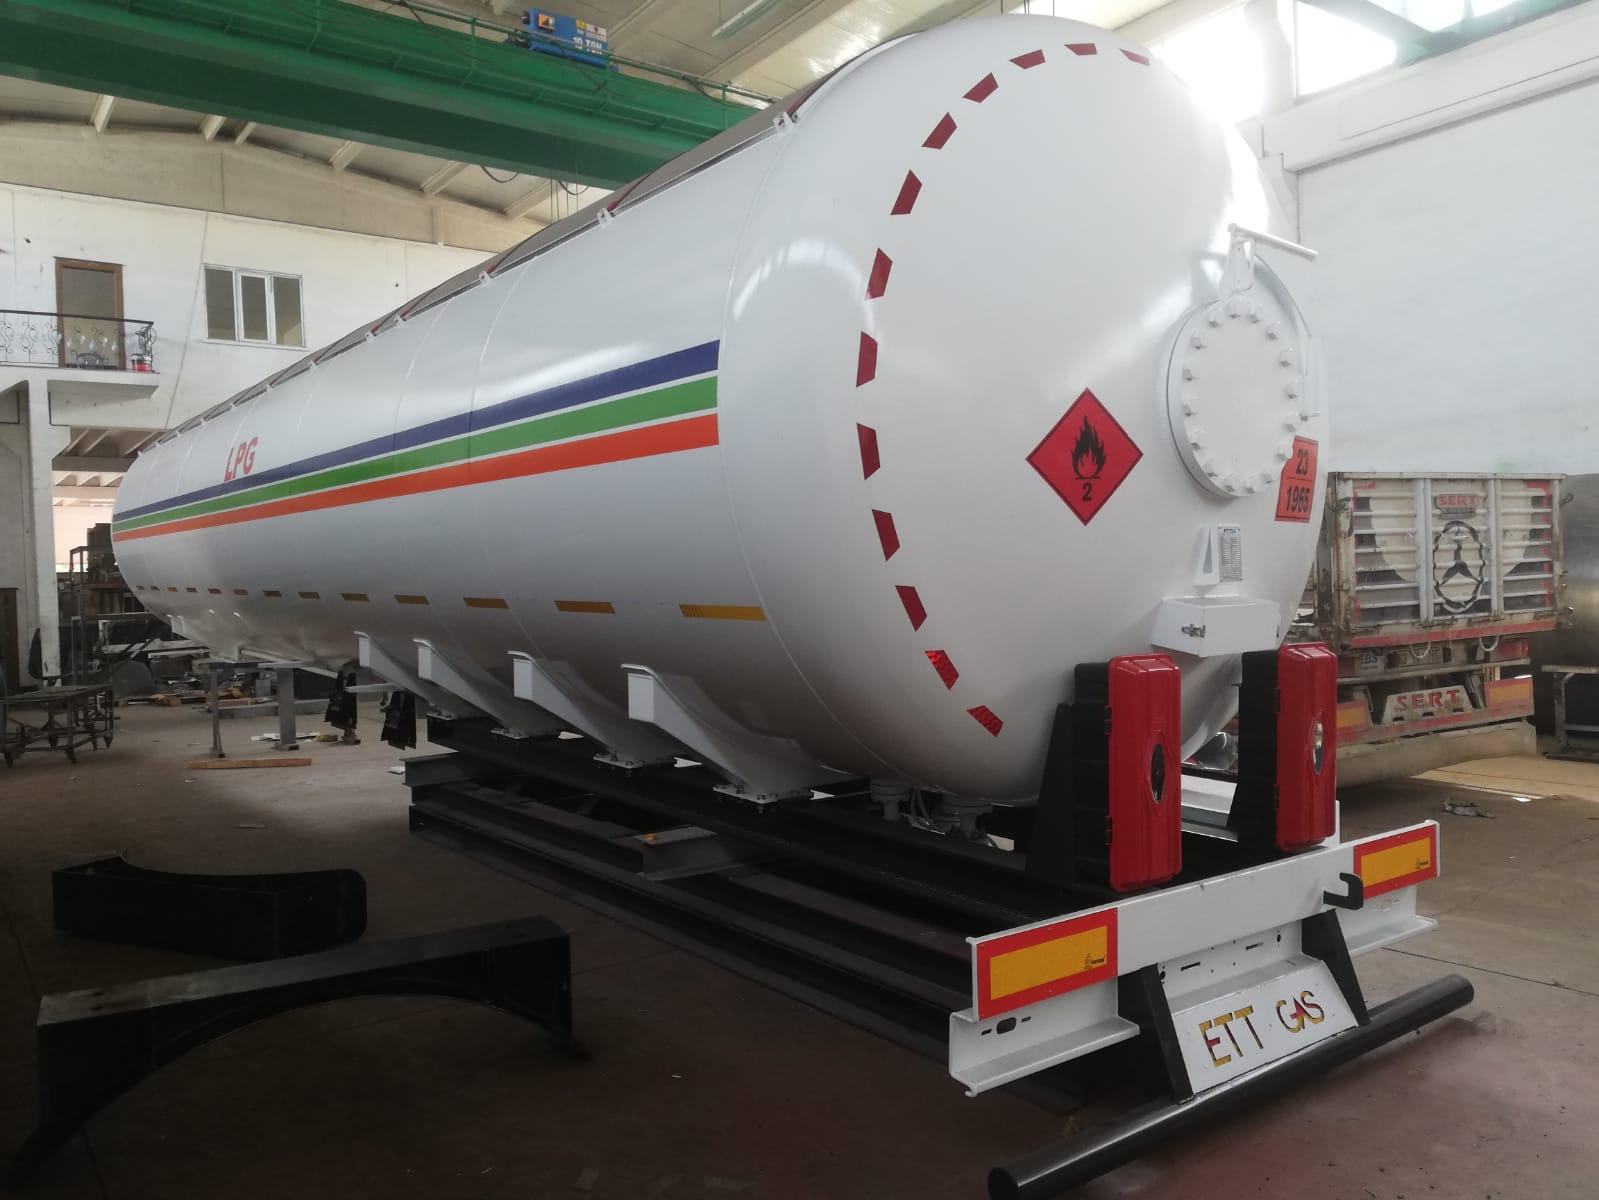 WE SENT 85 M3 LPG TRAILER  #lpg #trailer #semitrailer #ettgas #lpgtrailer